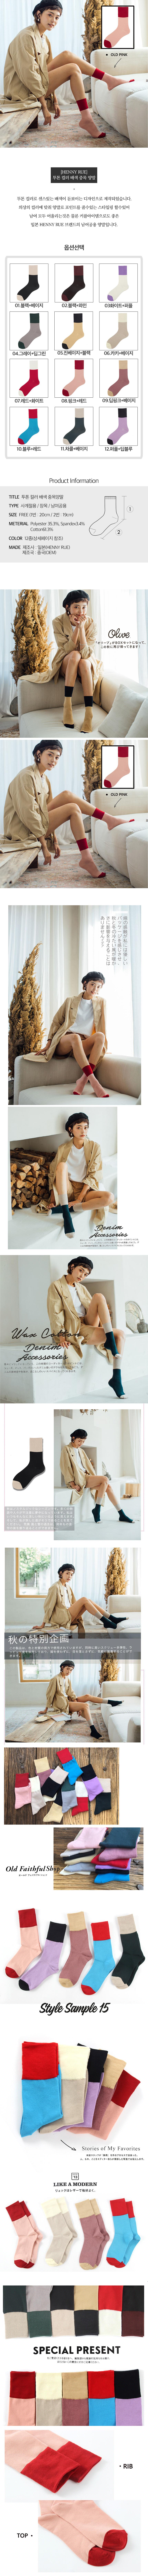 HENNY RUE_투톤 컬러 배색 중목 양말 - 핑크문9, 3,400원, 여성양말, 패션양말